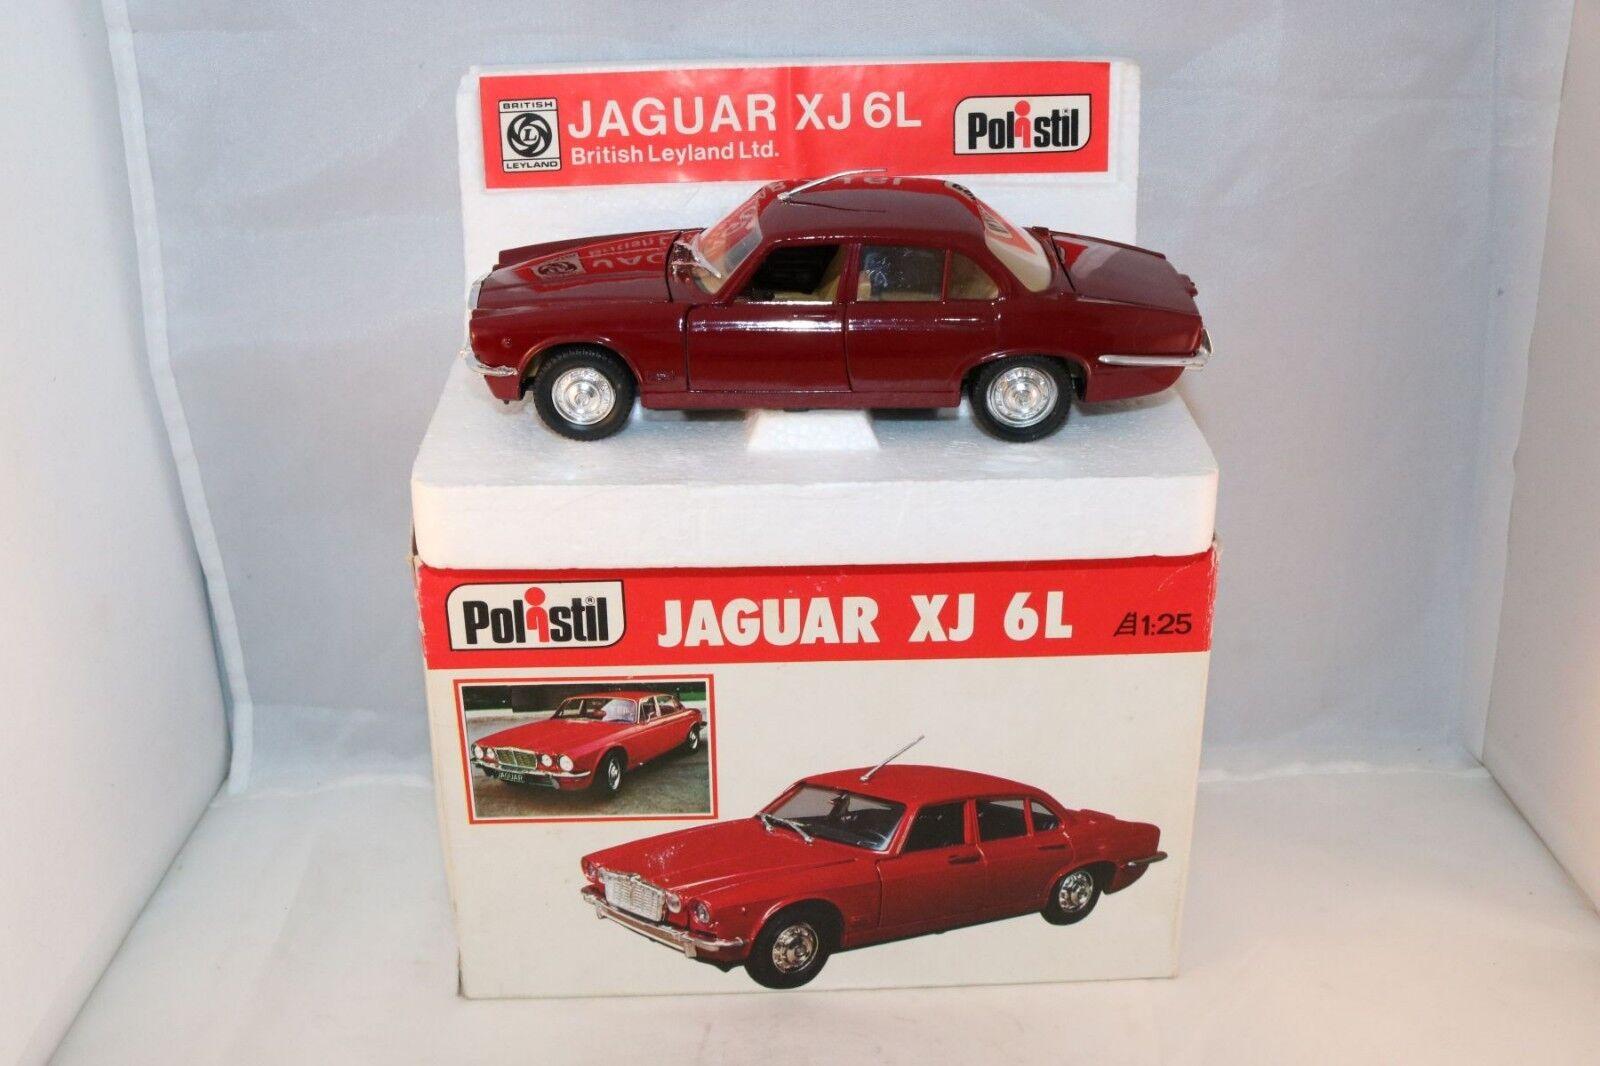 Polistil S31  S.31 Jaguar XJ 6L very near mint in box 1 25 selten Superb a beauty  le plus récent